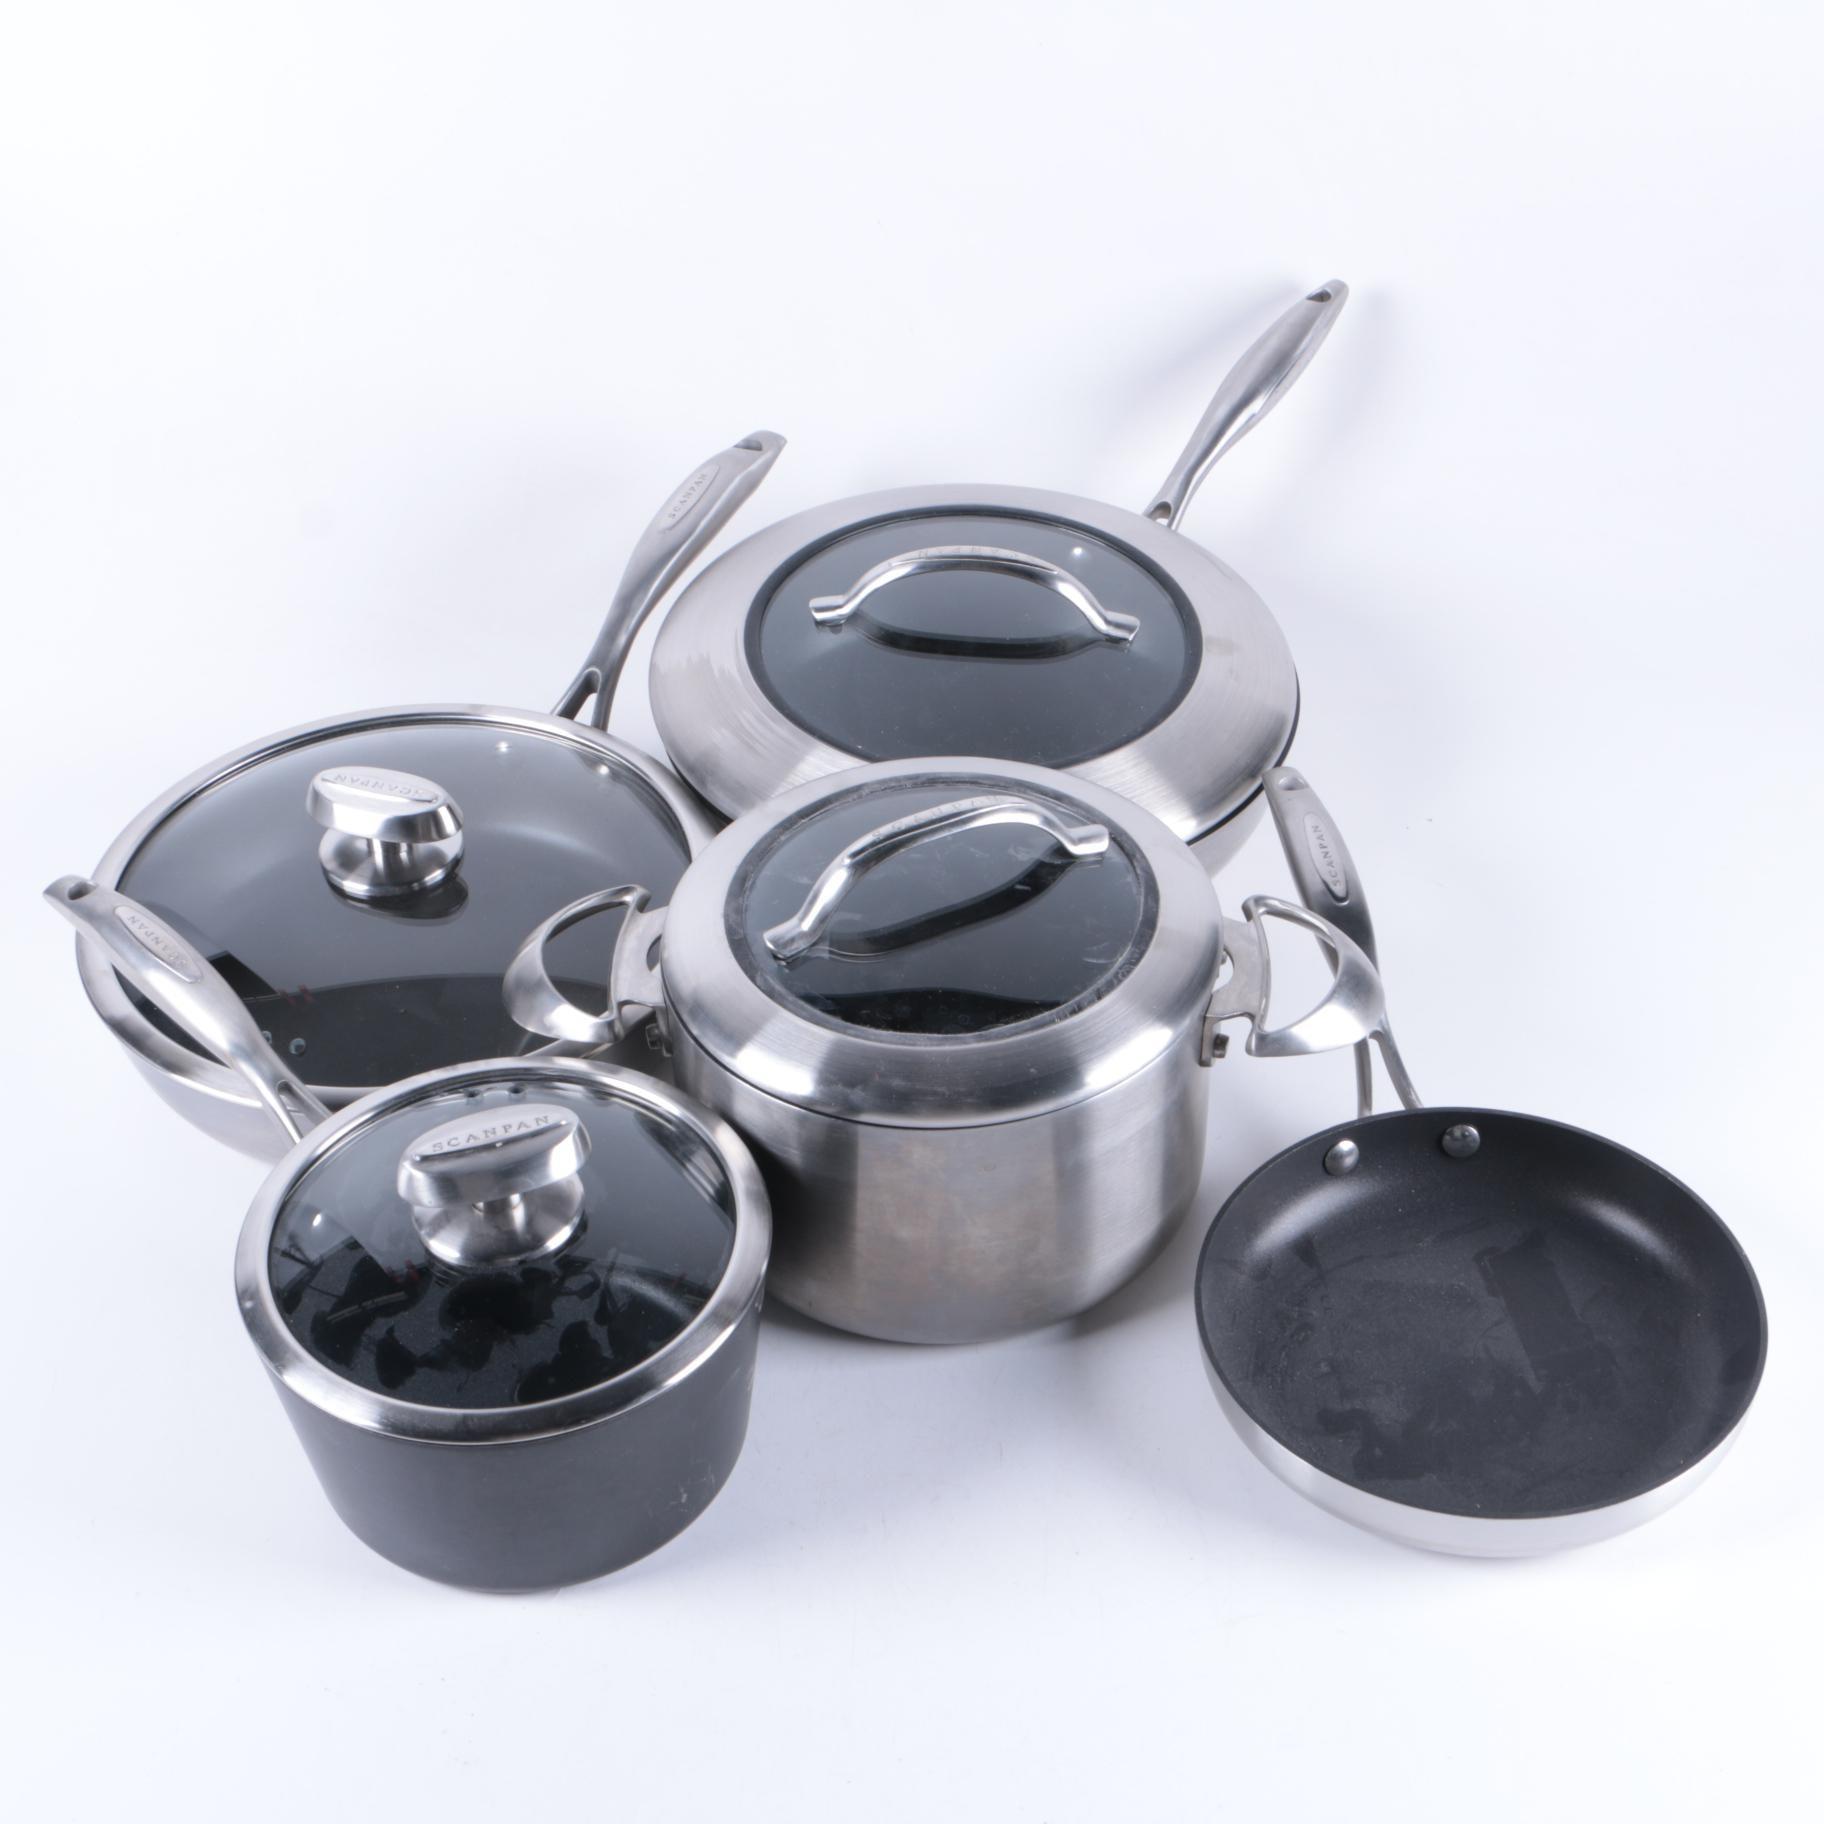 Danish Scanpan Ceramic and Titanium Cookware Set